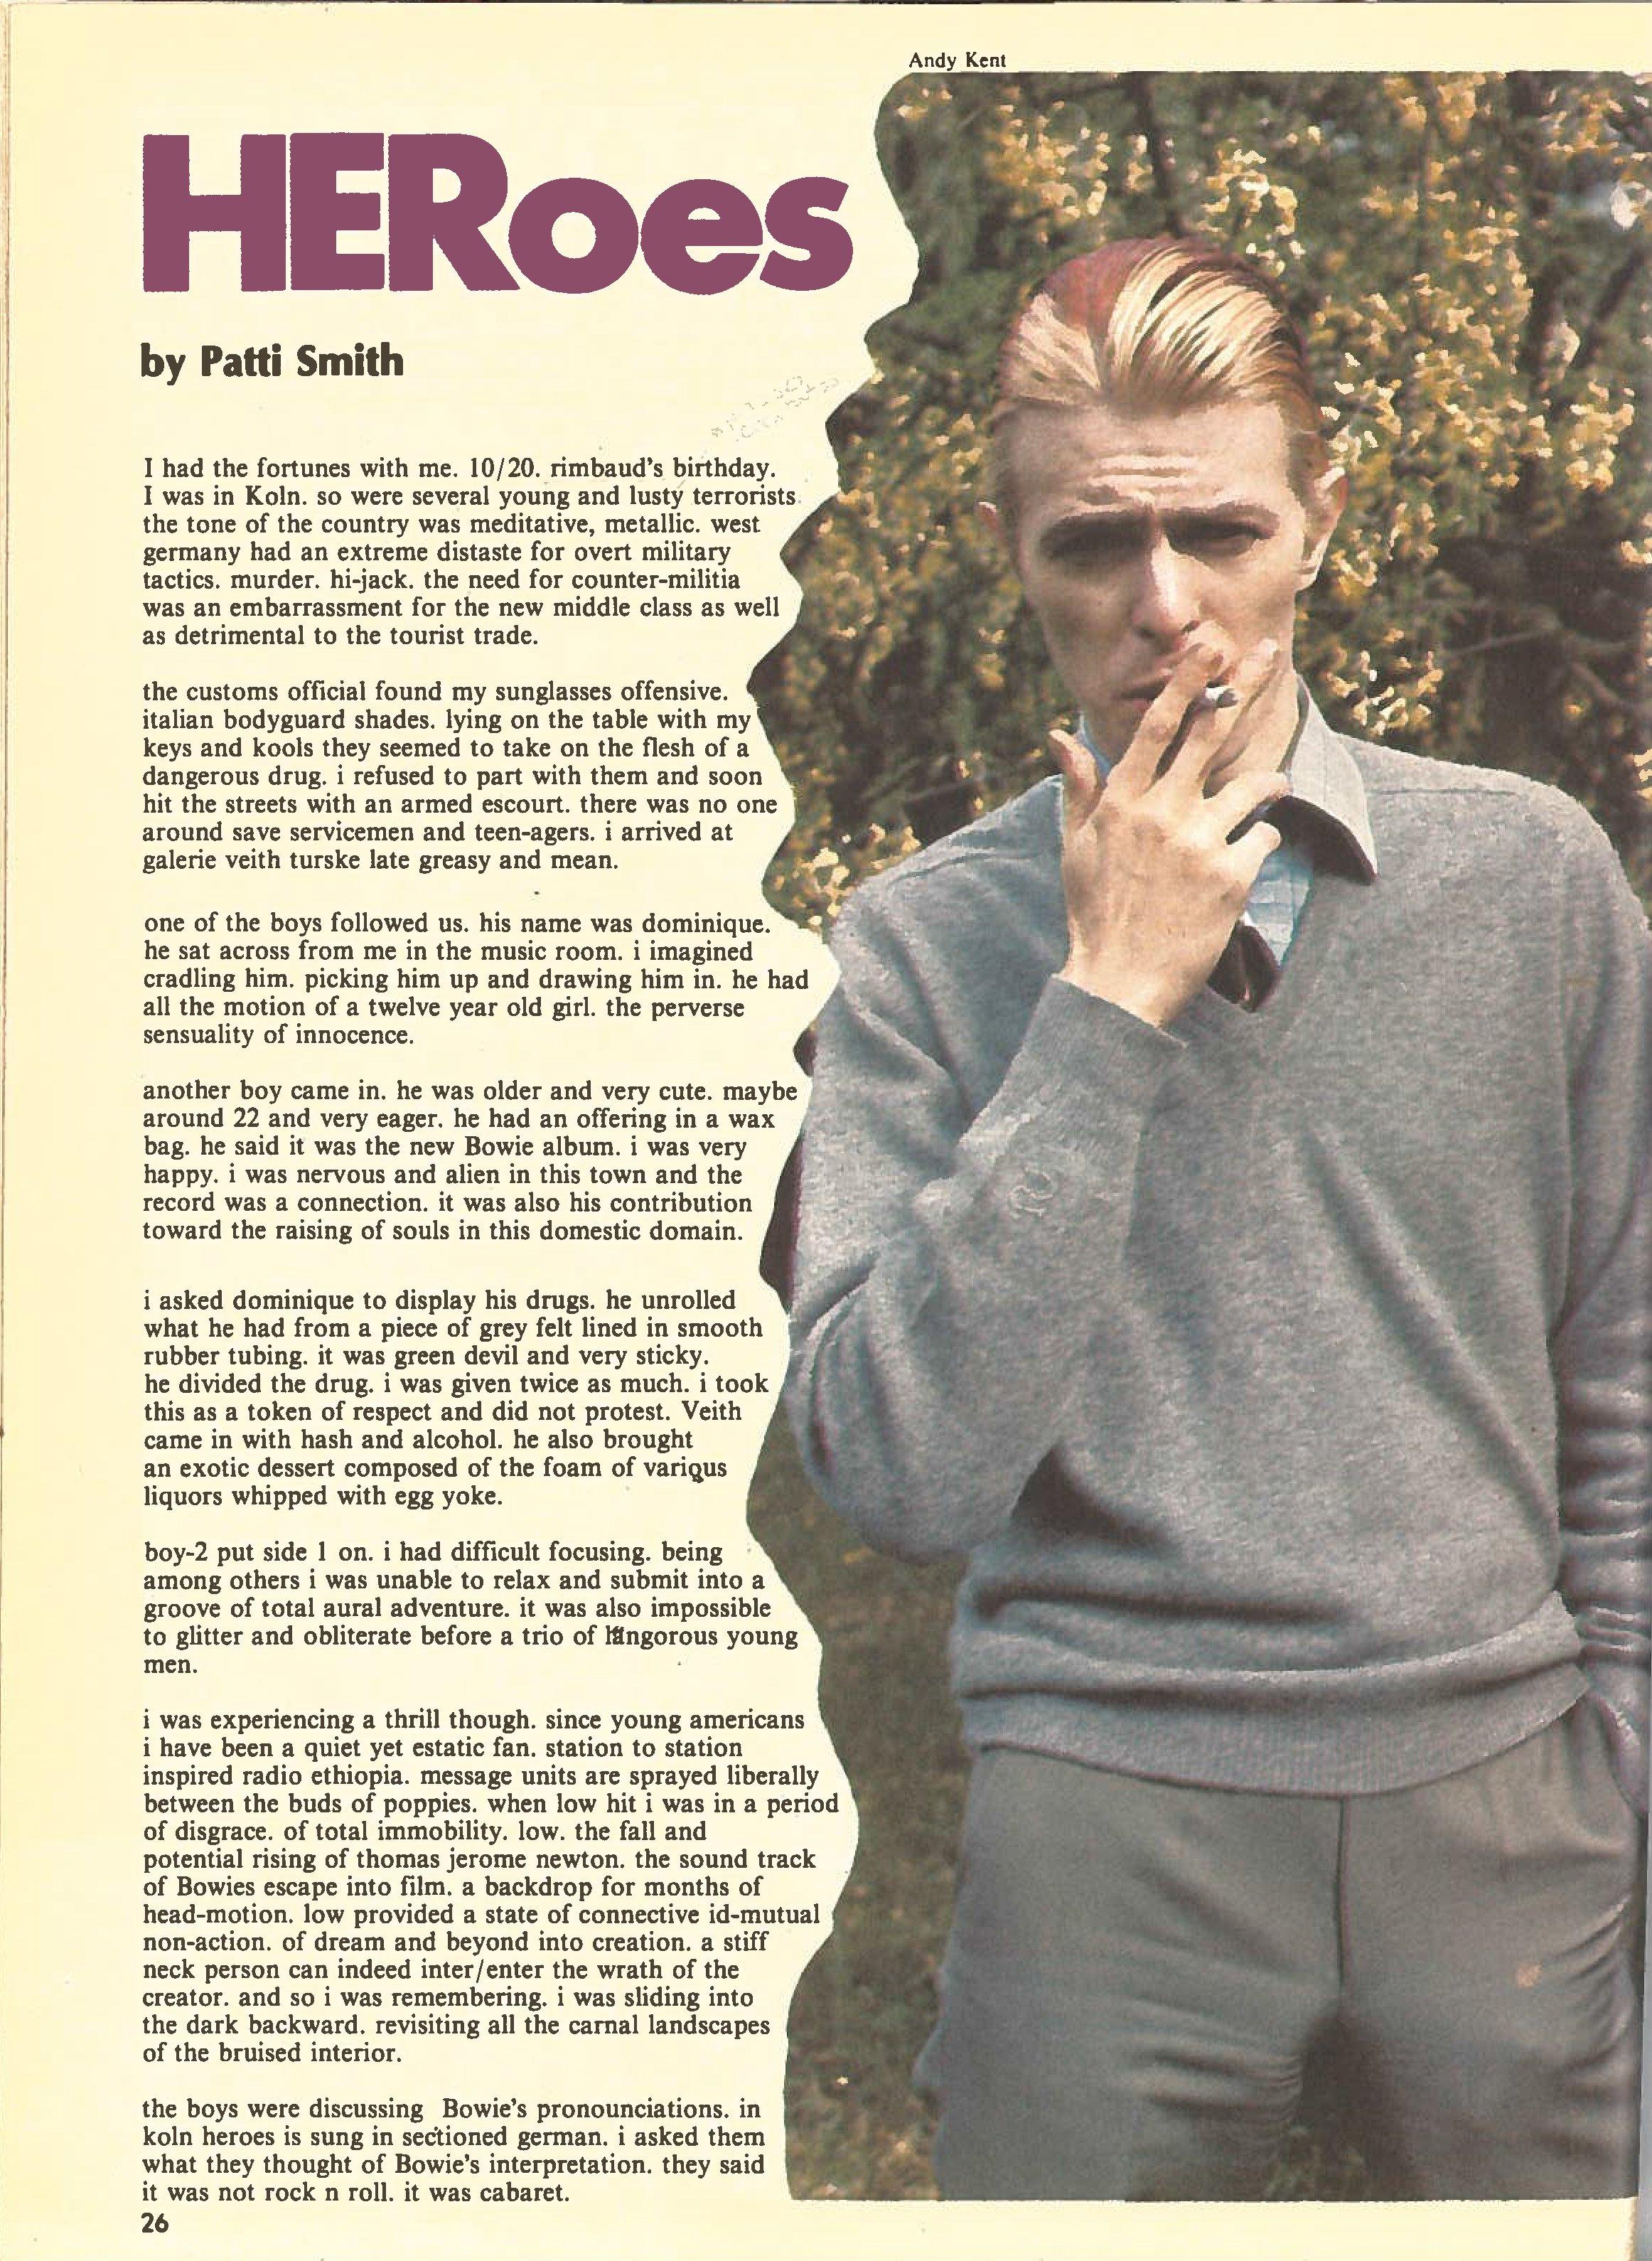 Heroes Patti Smith recensione 1978 parte2